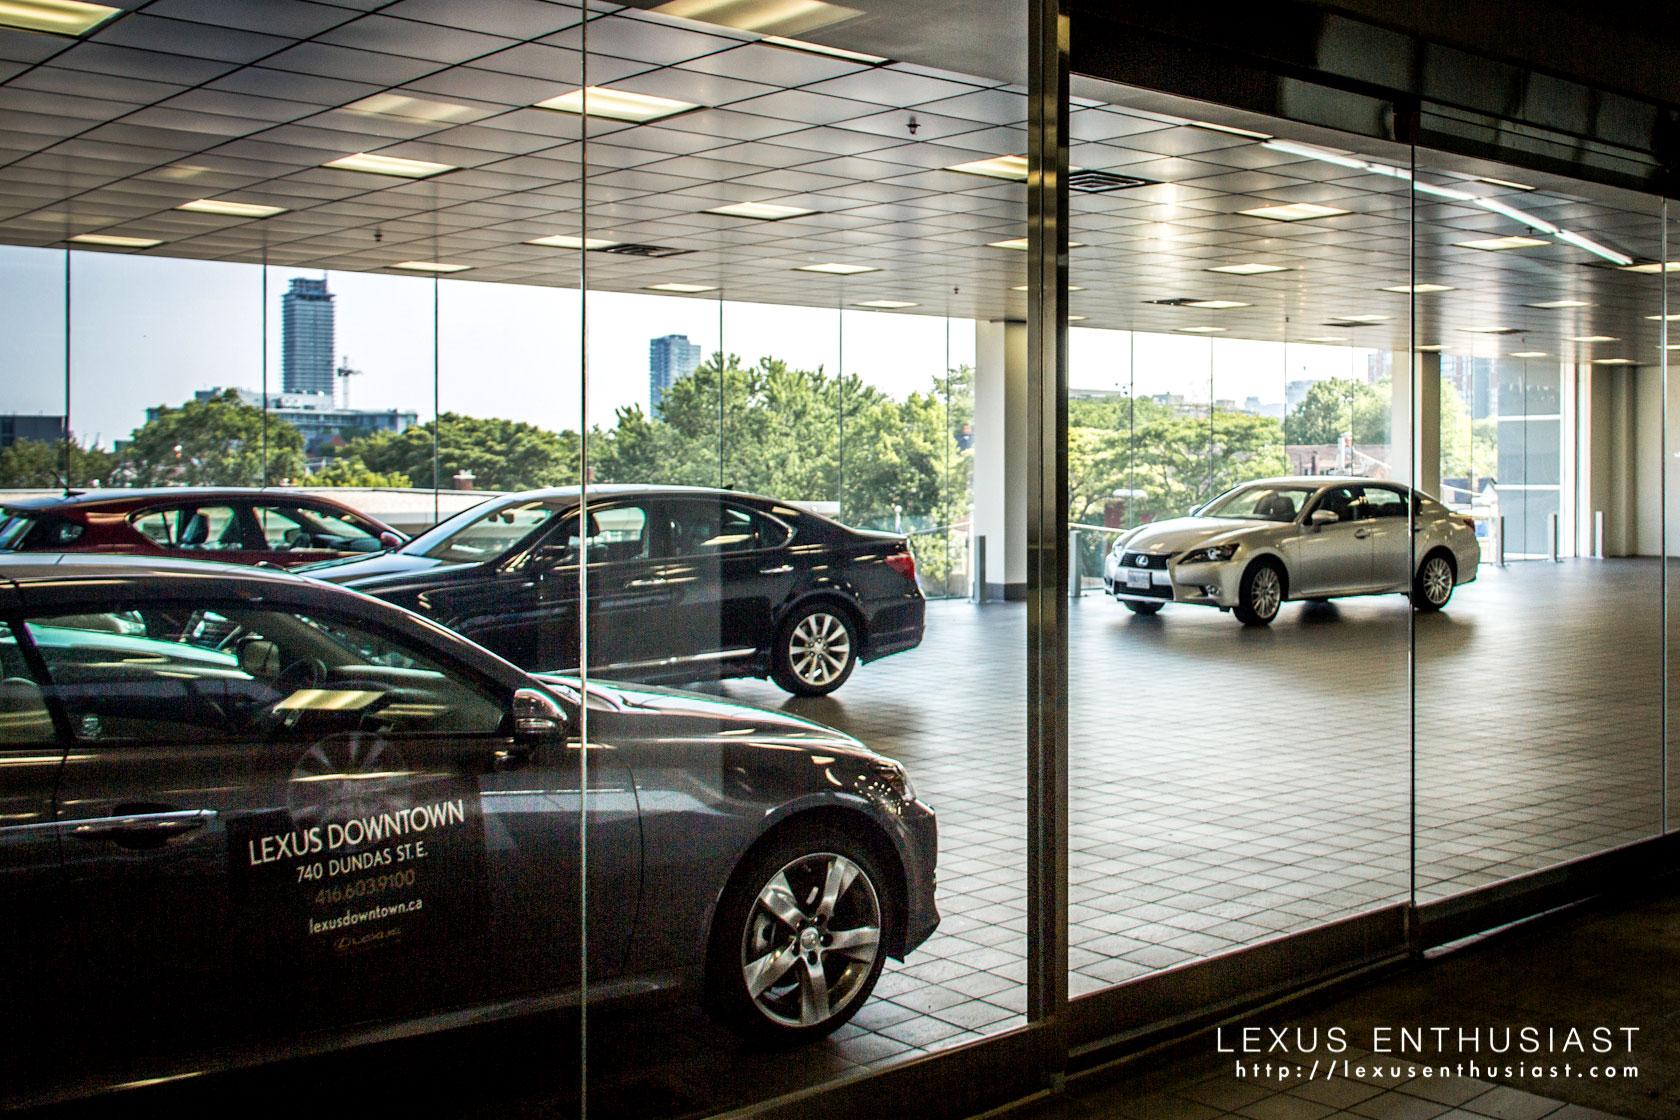 A Visit To Lexus Downtown In Toronto Lexus Enthusiast - Lexus dealership toronto